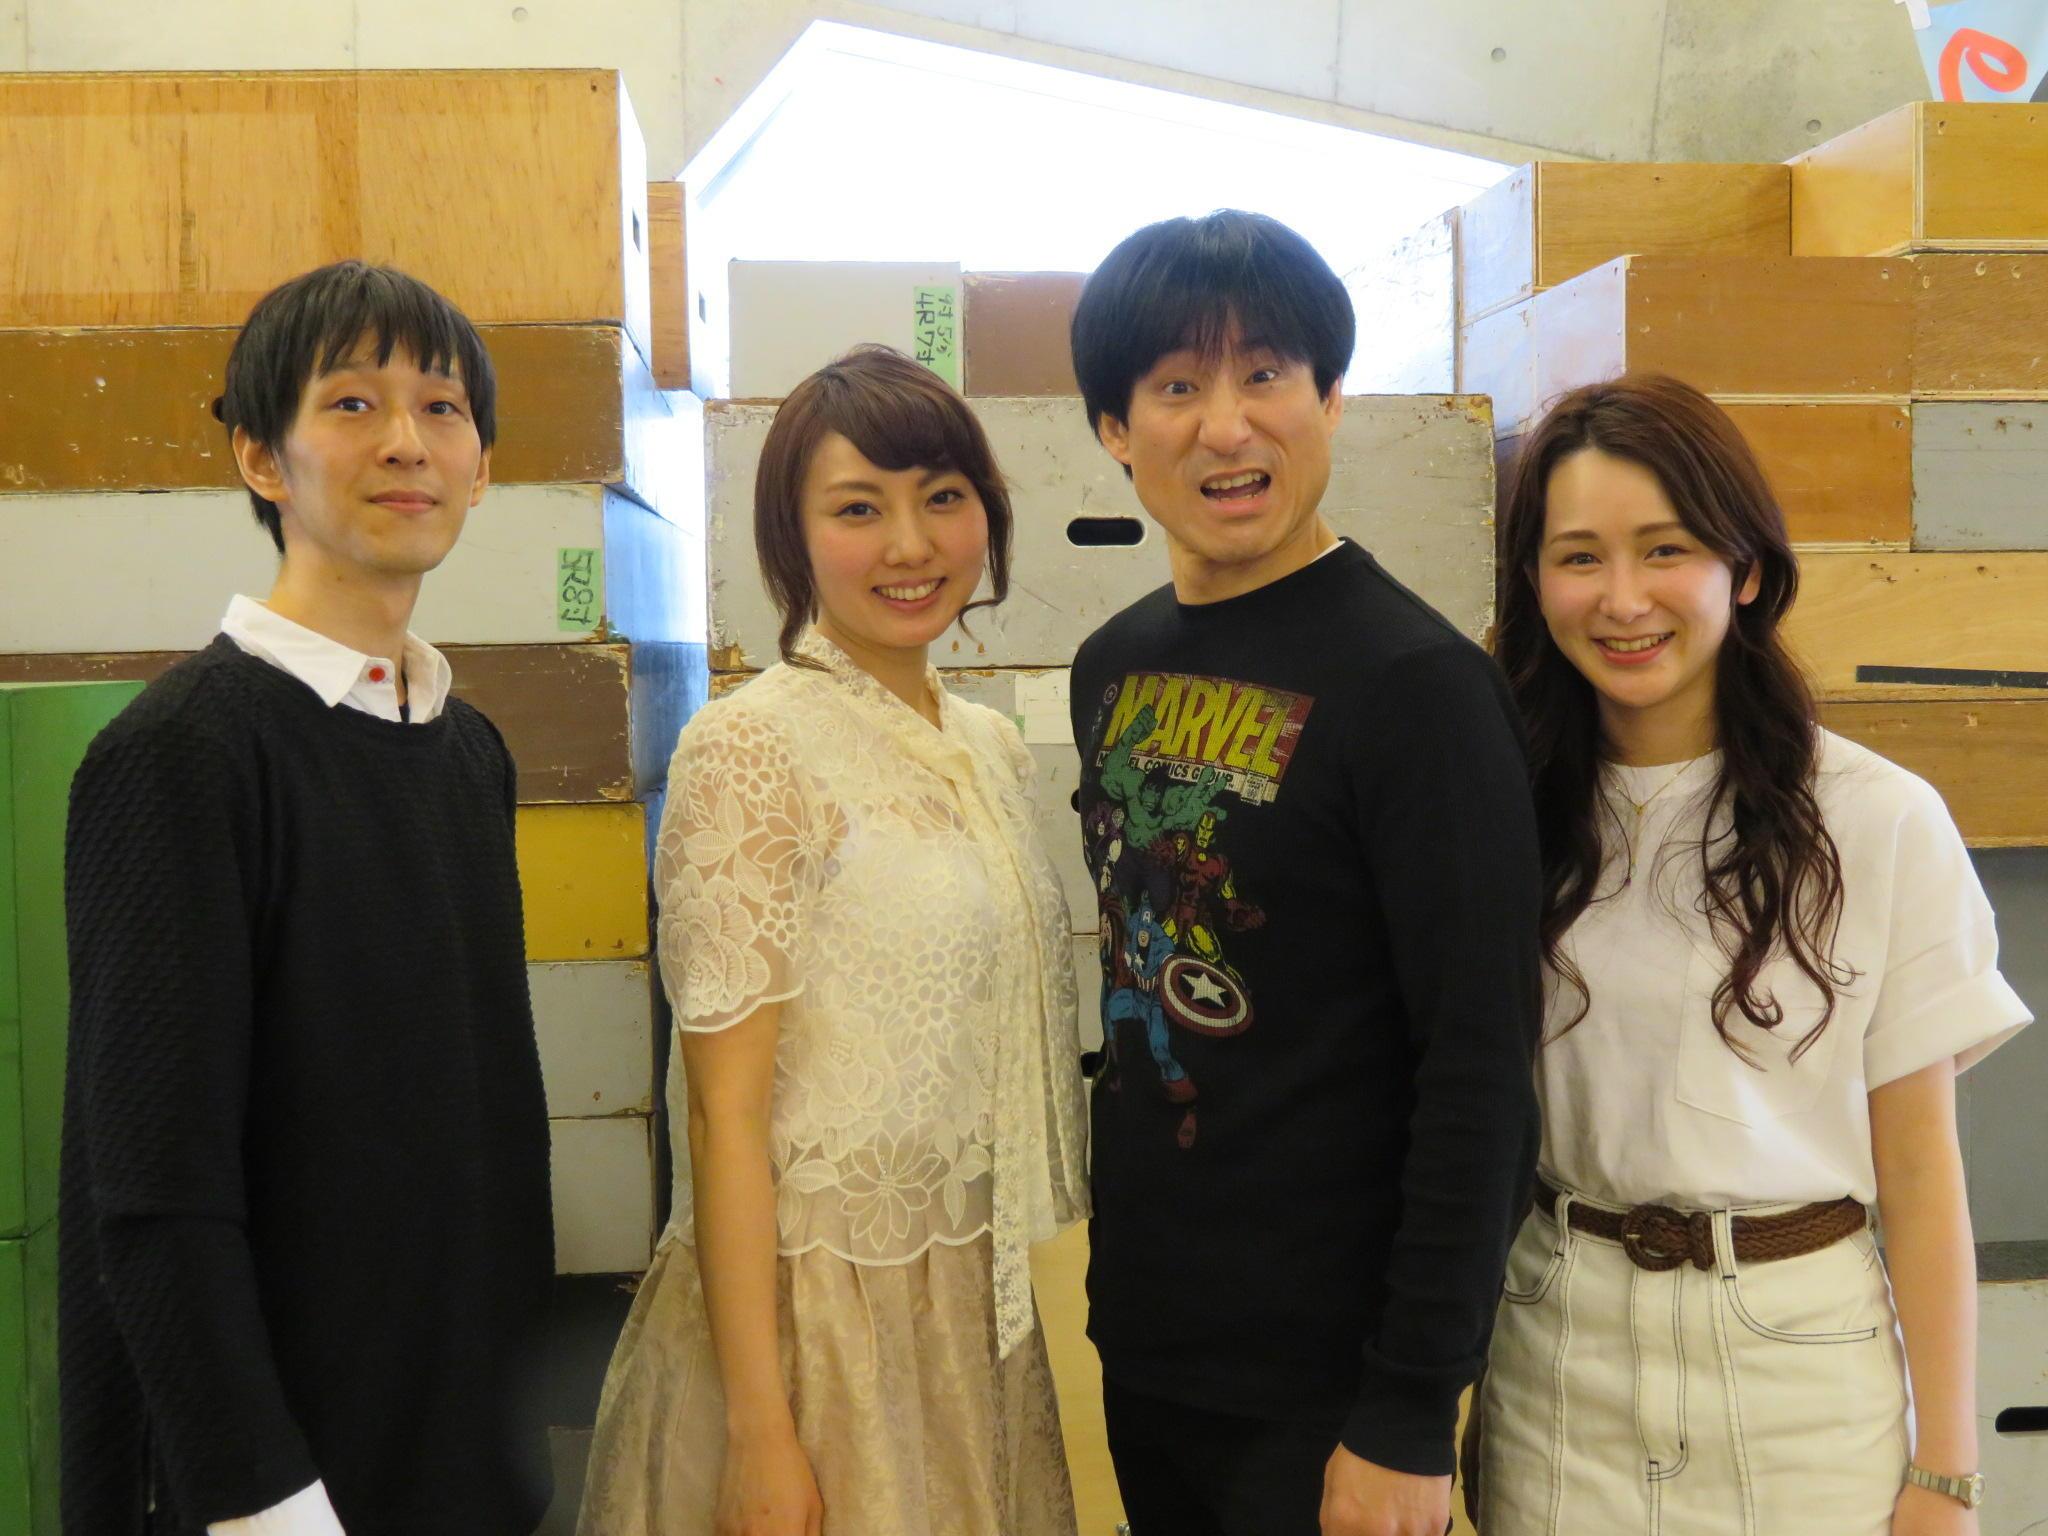 http://news.yoshimoto.co.jp/20180504184404-5f9f9b7bc43a290ea315ec11841ff524ee12be60.jpg